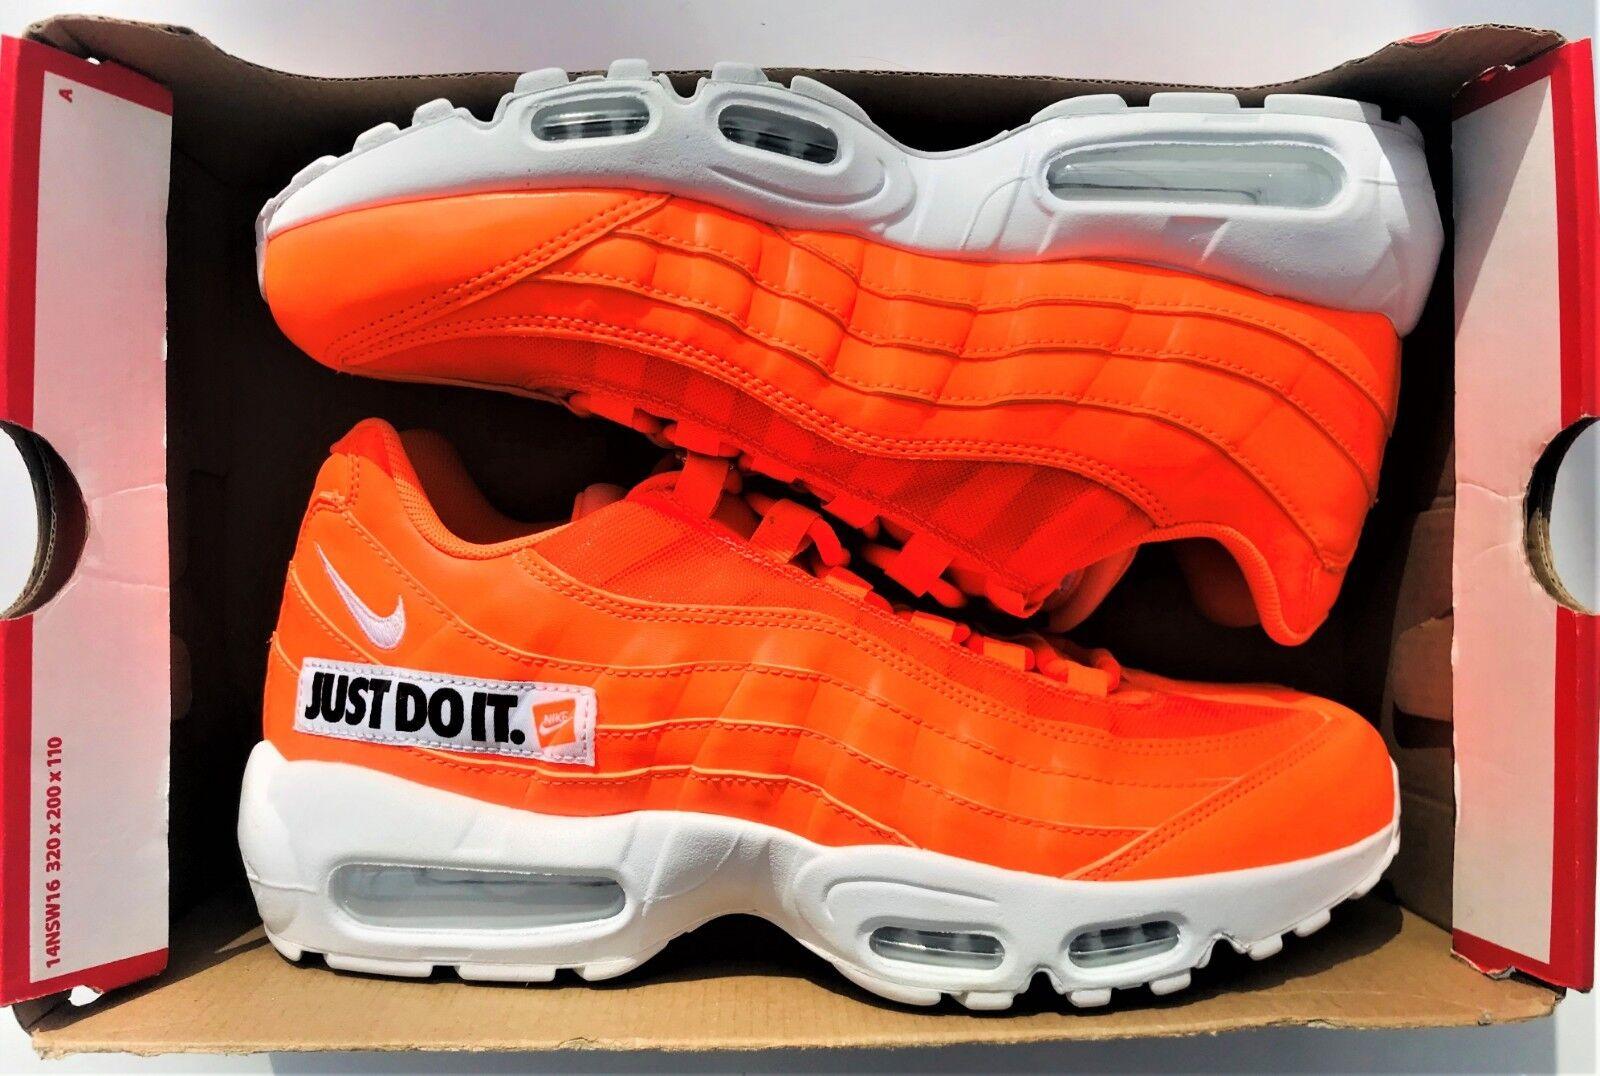 Nike Air Max 95 SE AV6246-800  Just Do it  Total orange Men Sz 8.5, Women Sz 10